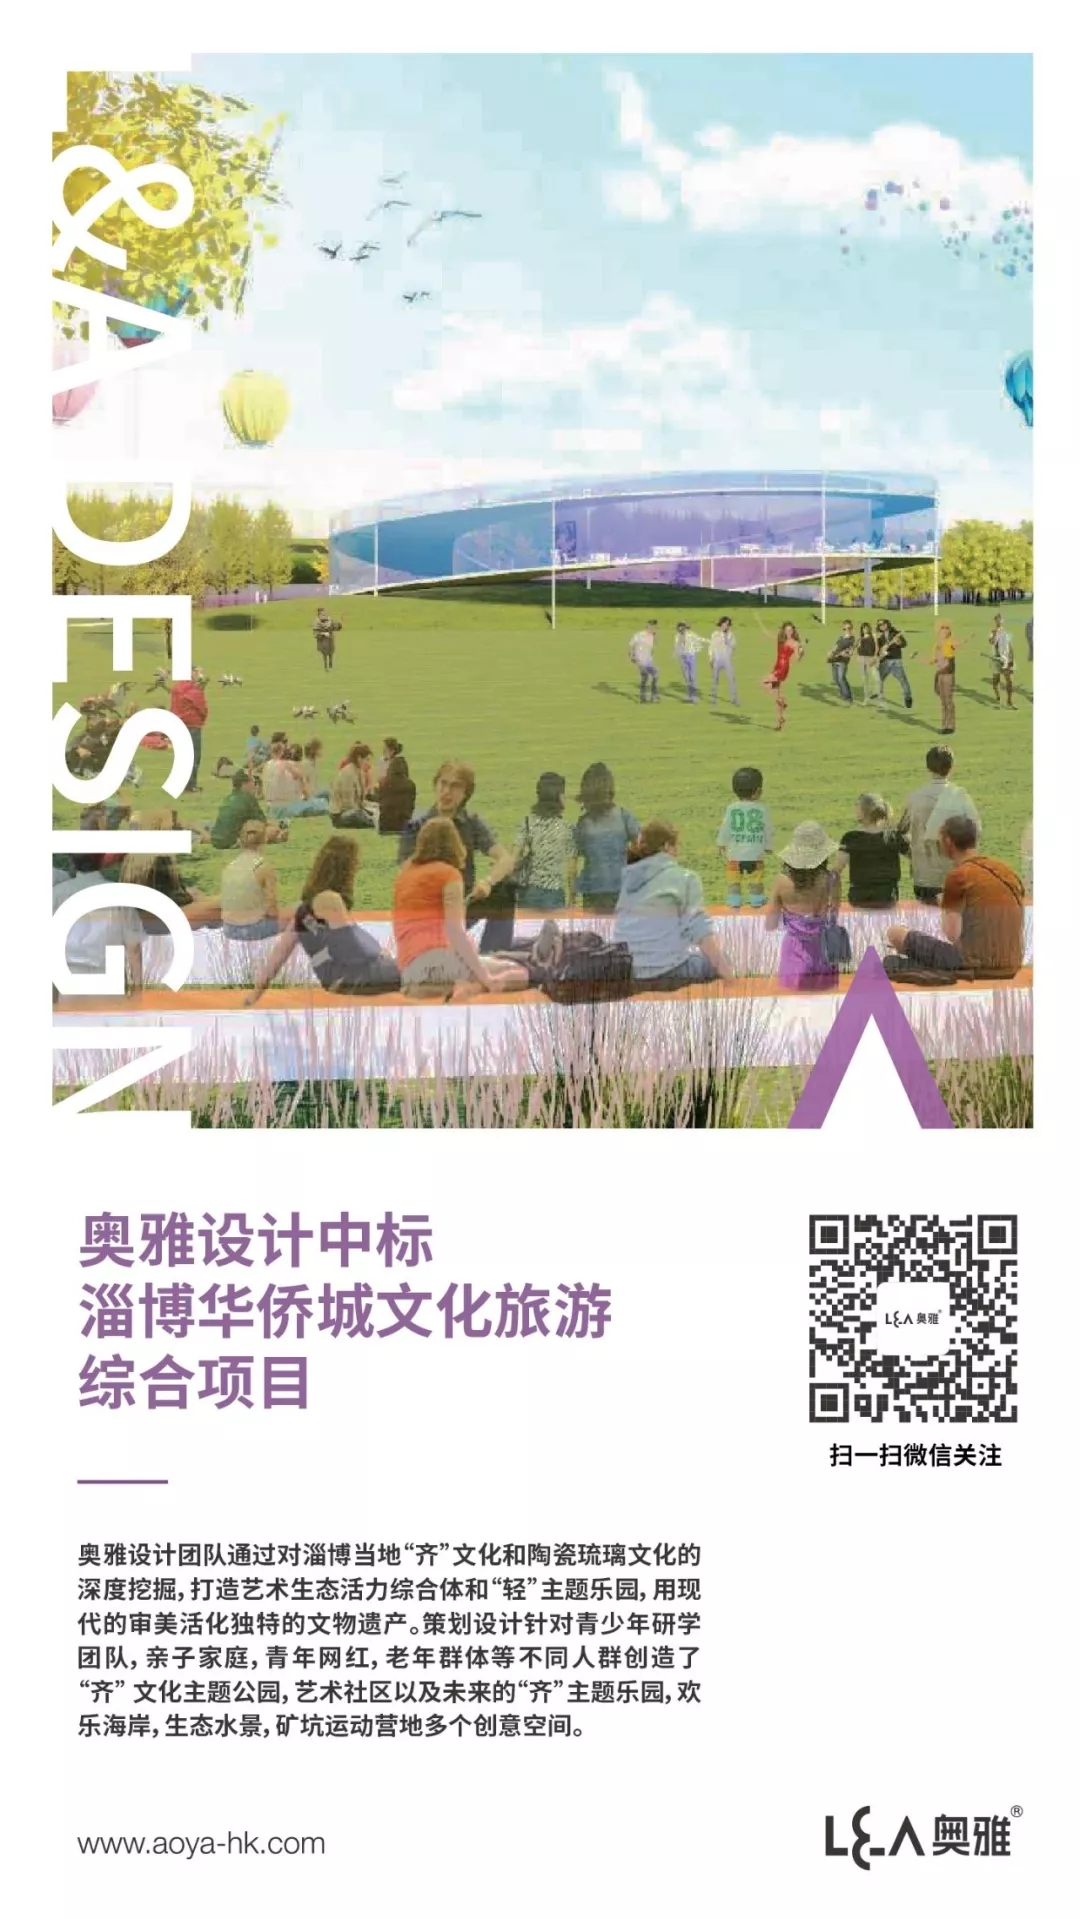 奥雅设计中标淄博华侨城文化旅游综合项目